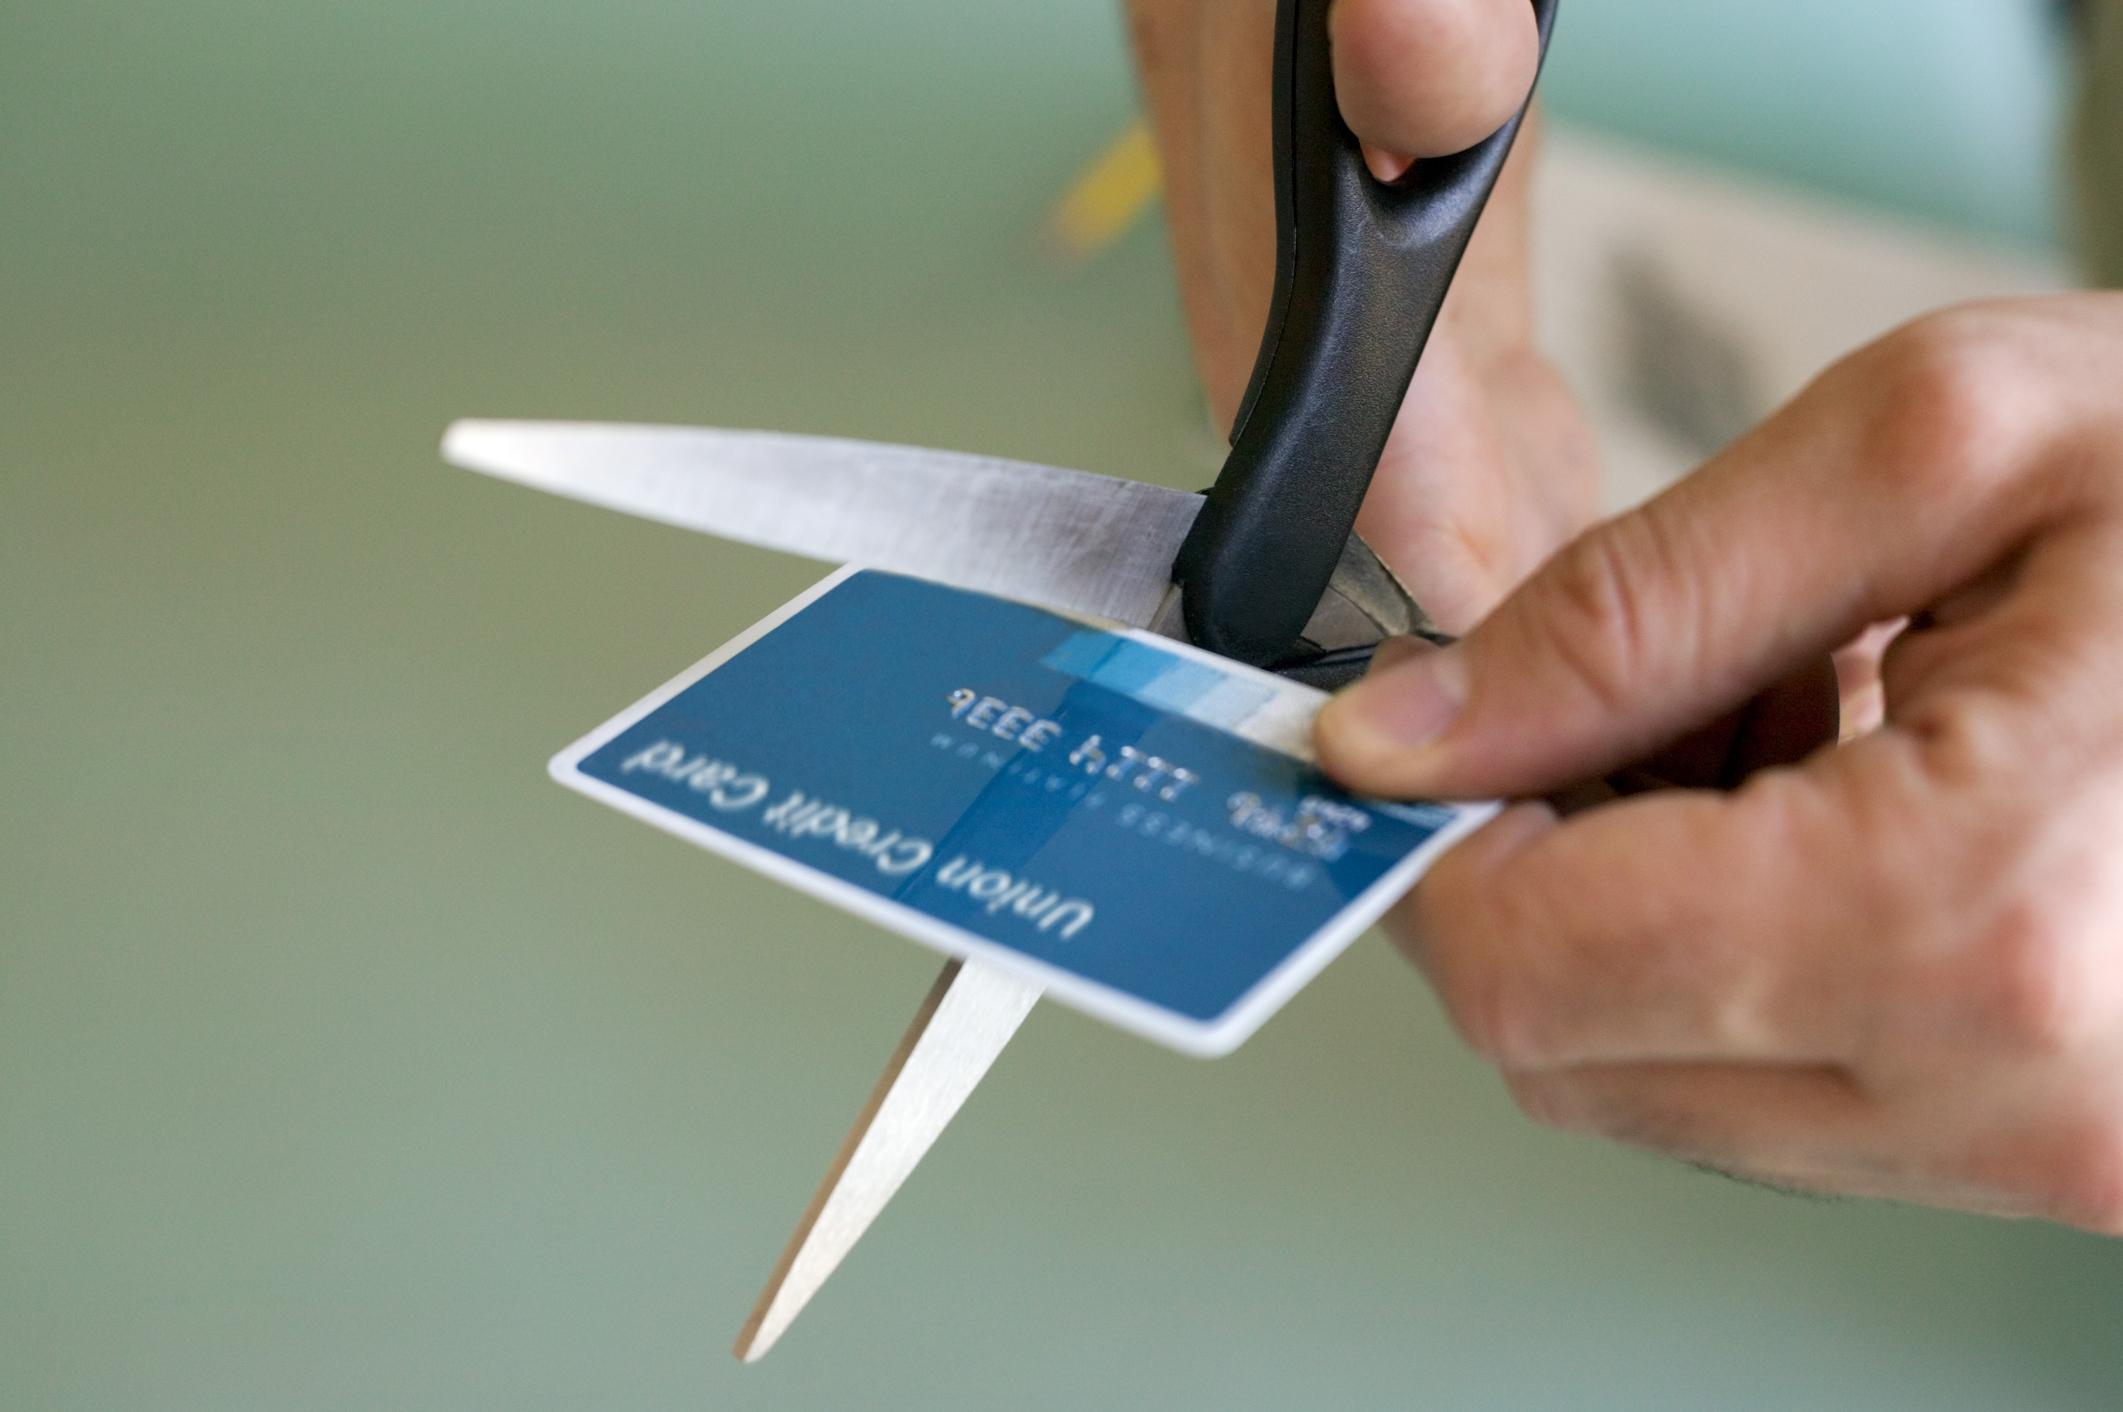 WiMAXの支払いはクレジットカードなしでOK